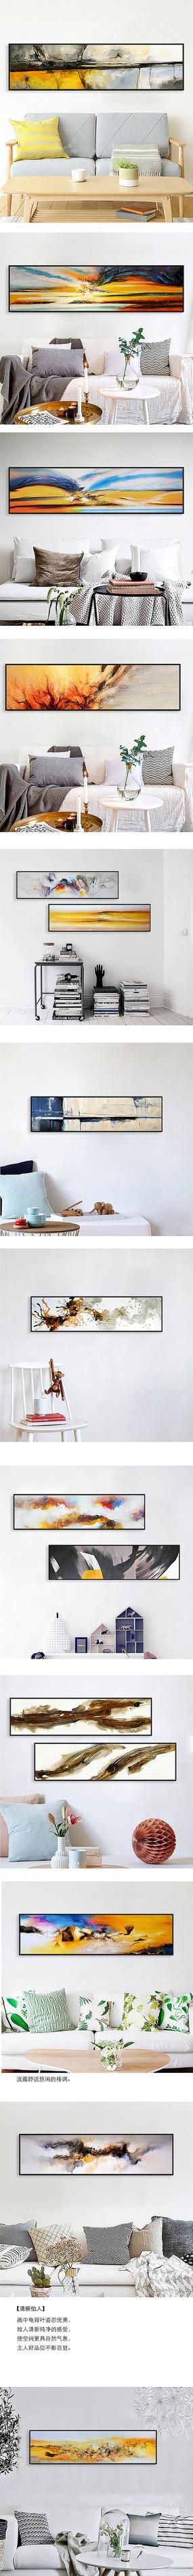 抽象意境客厅装饰画淘宝详情页